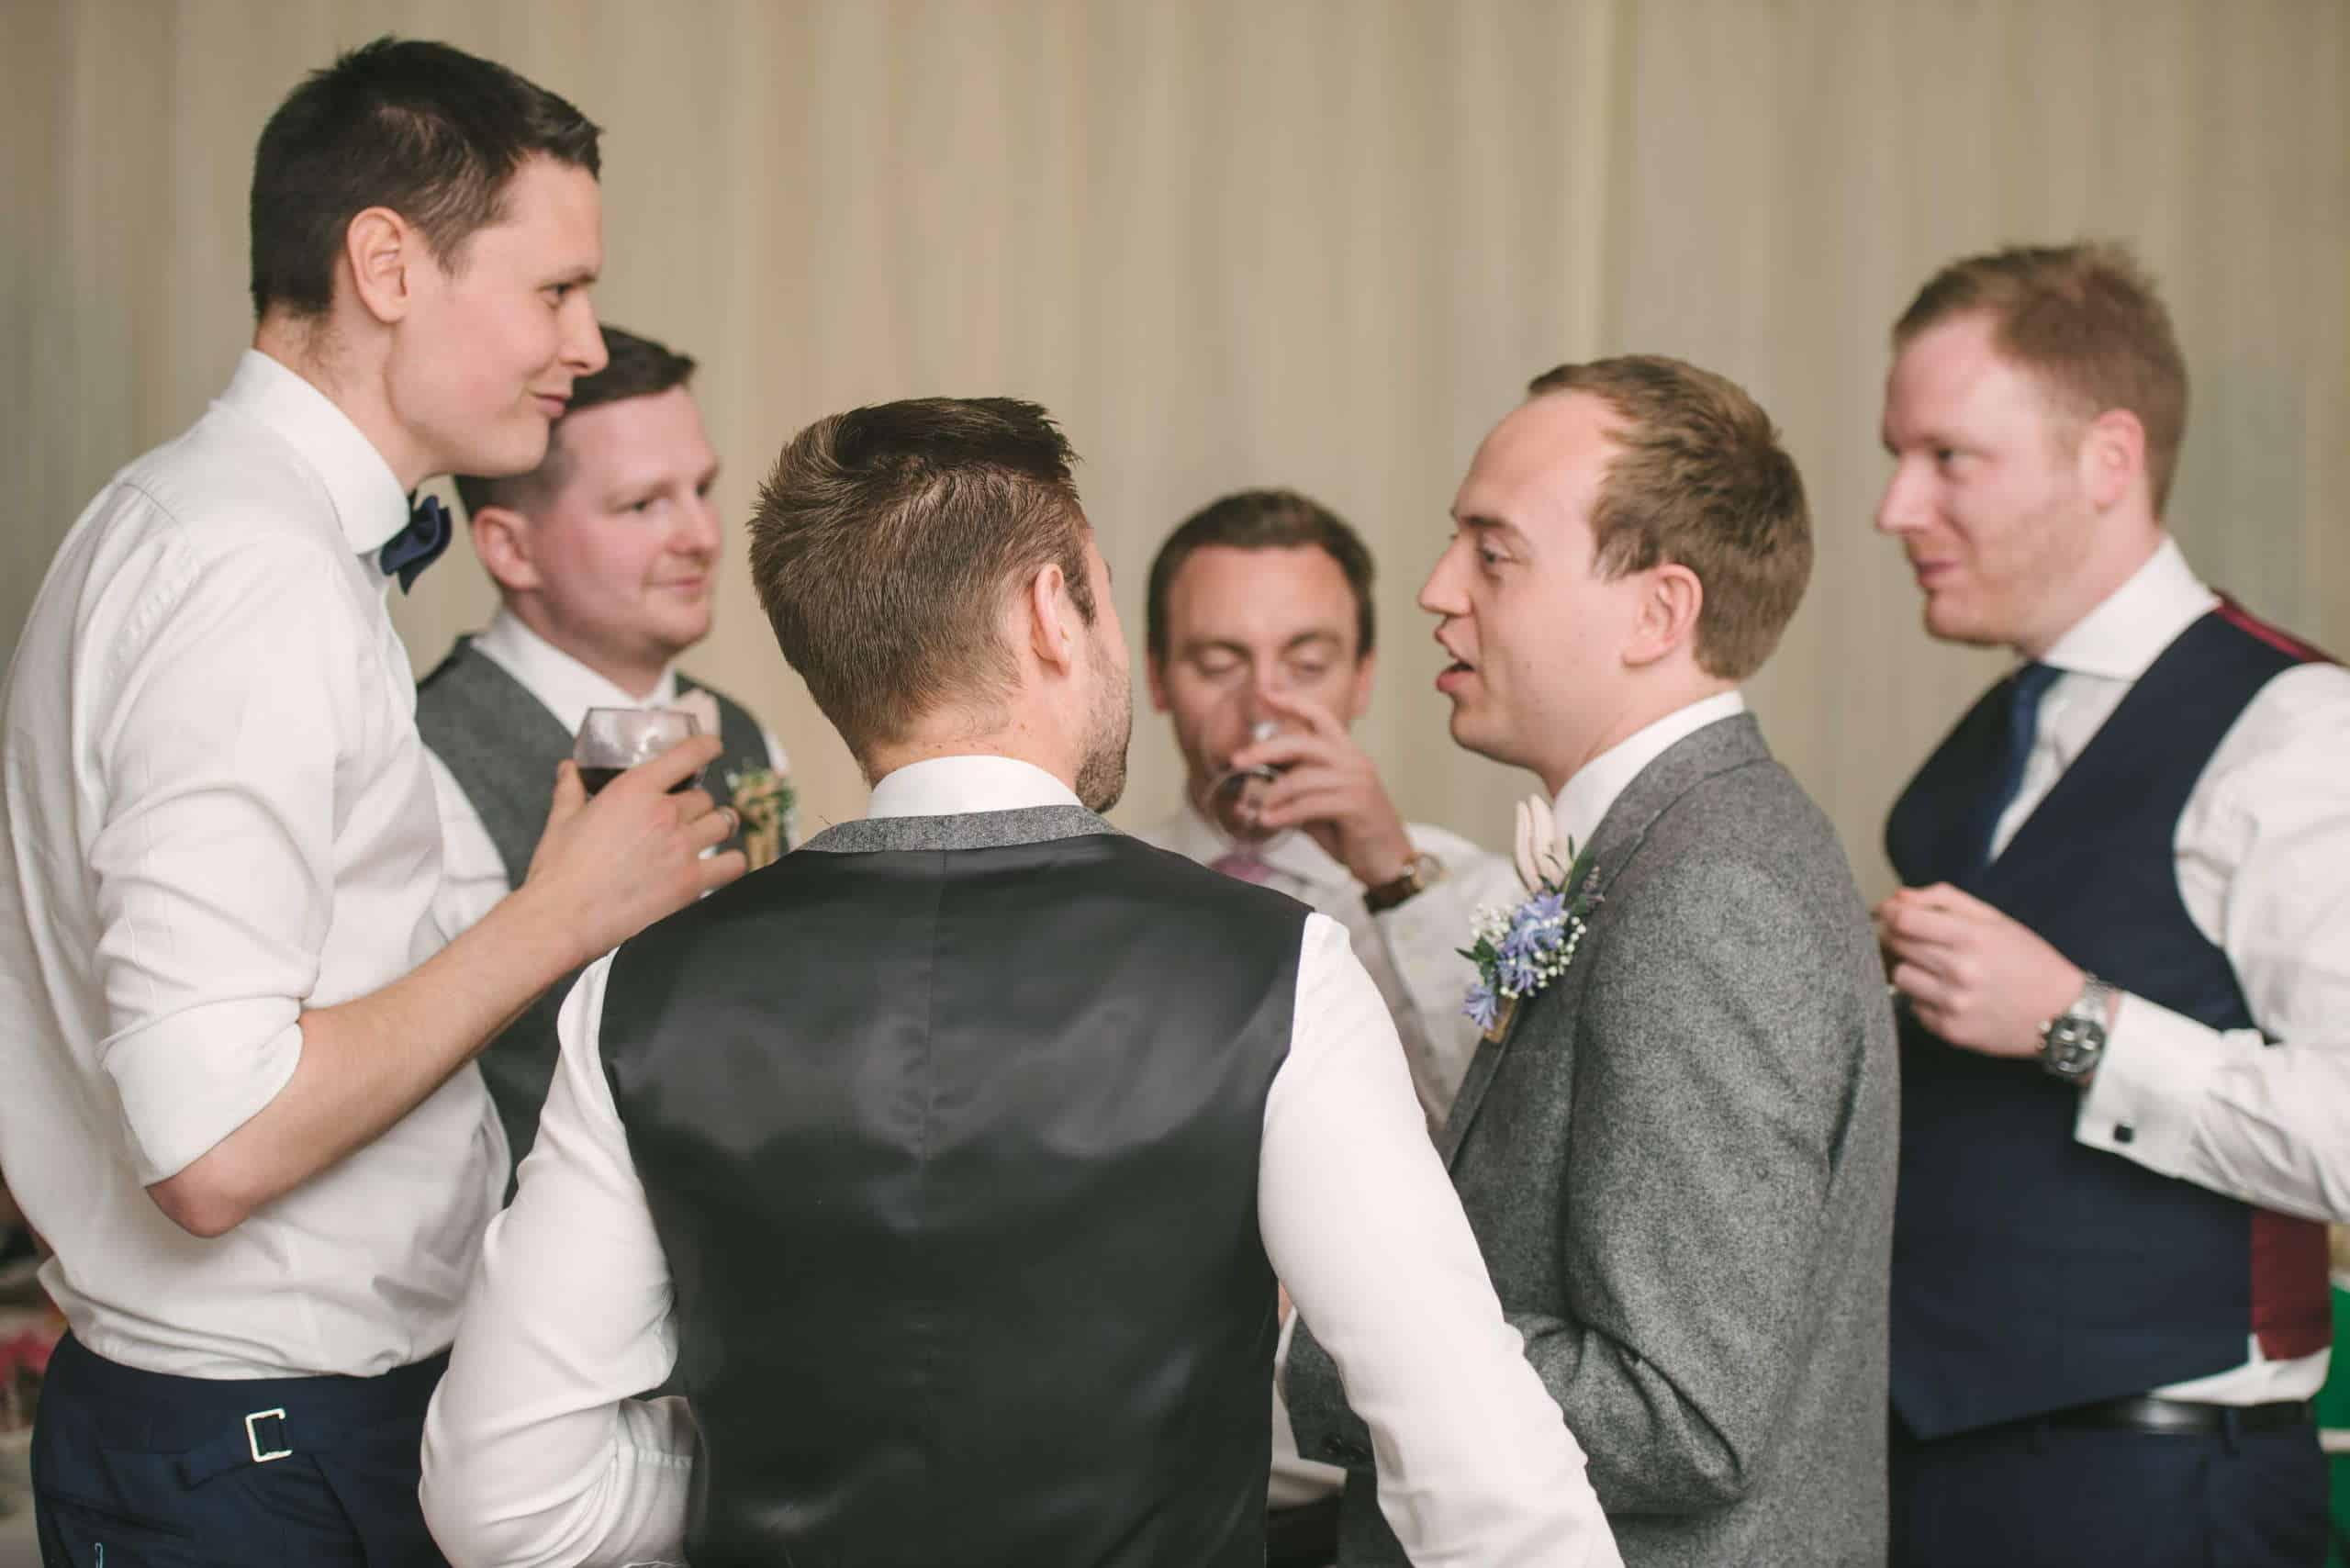 230416 Essex Wedding Photography Baddow Gallerywood 125